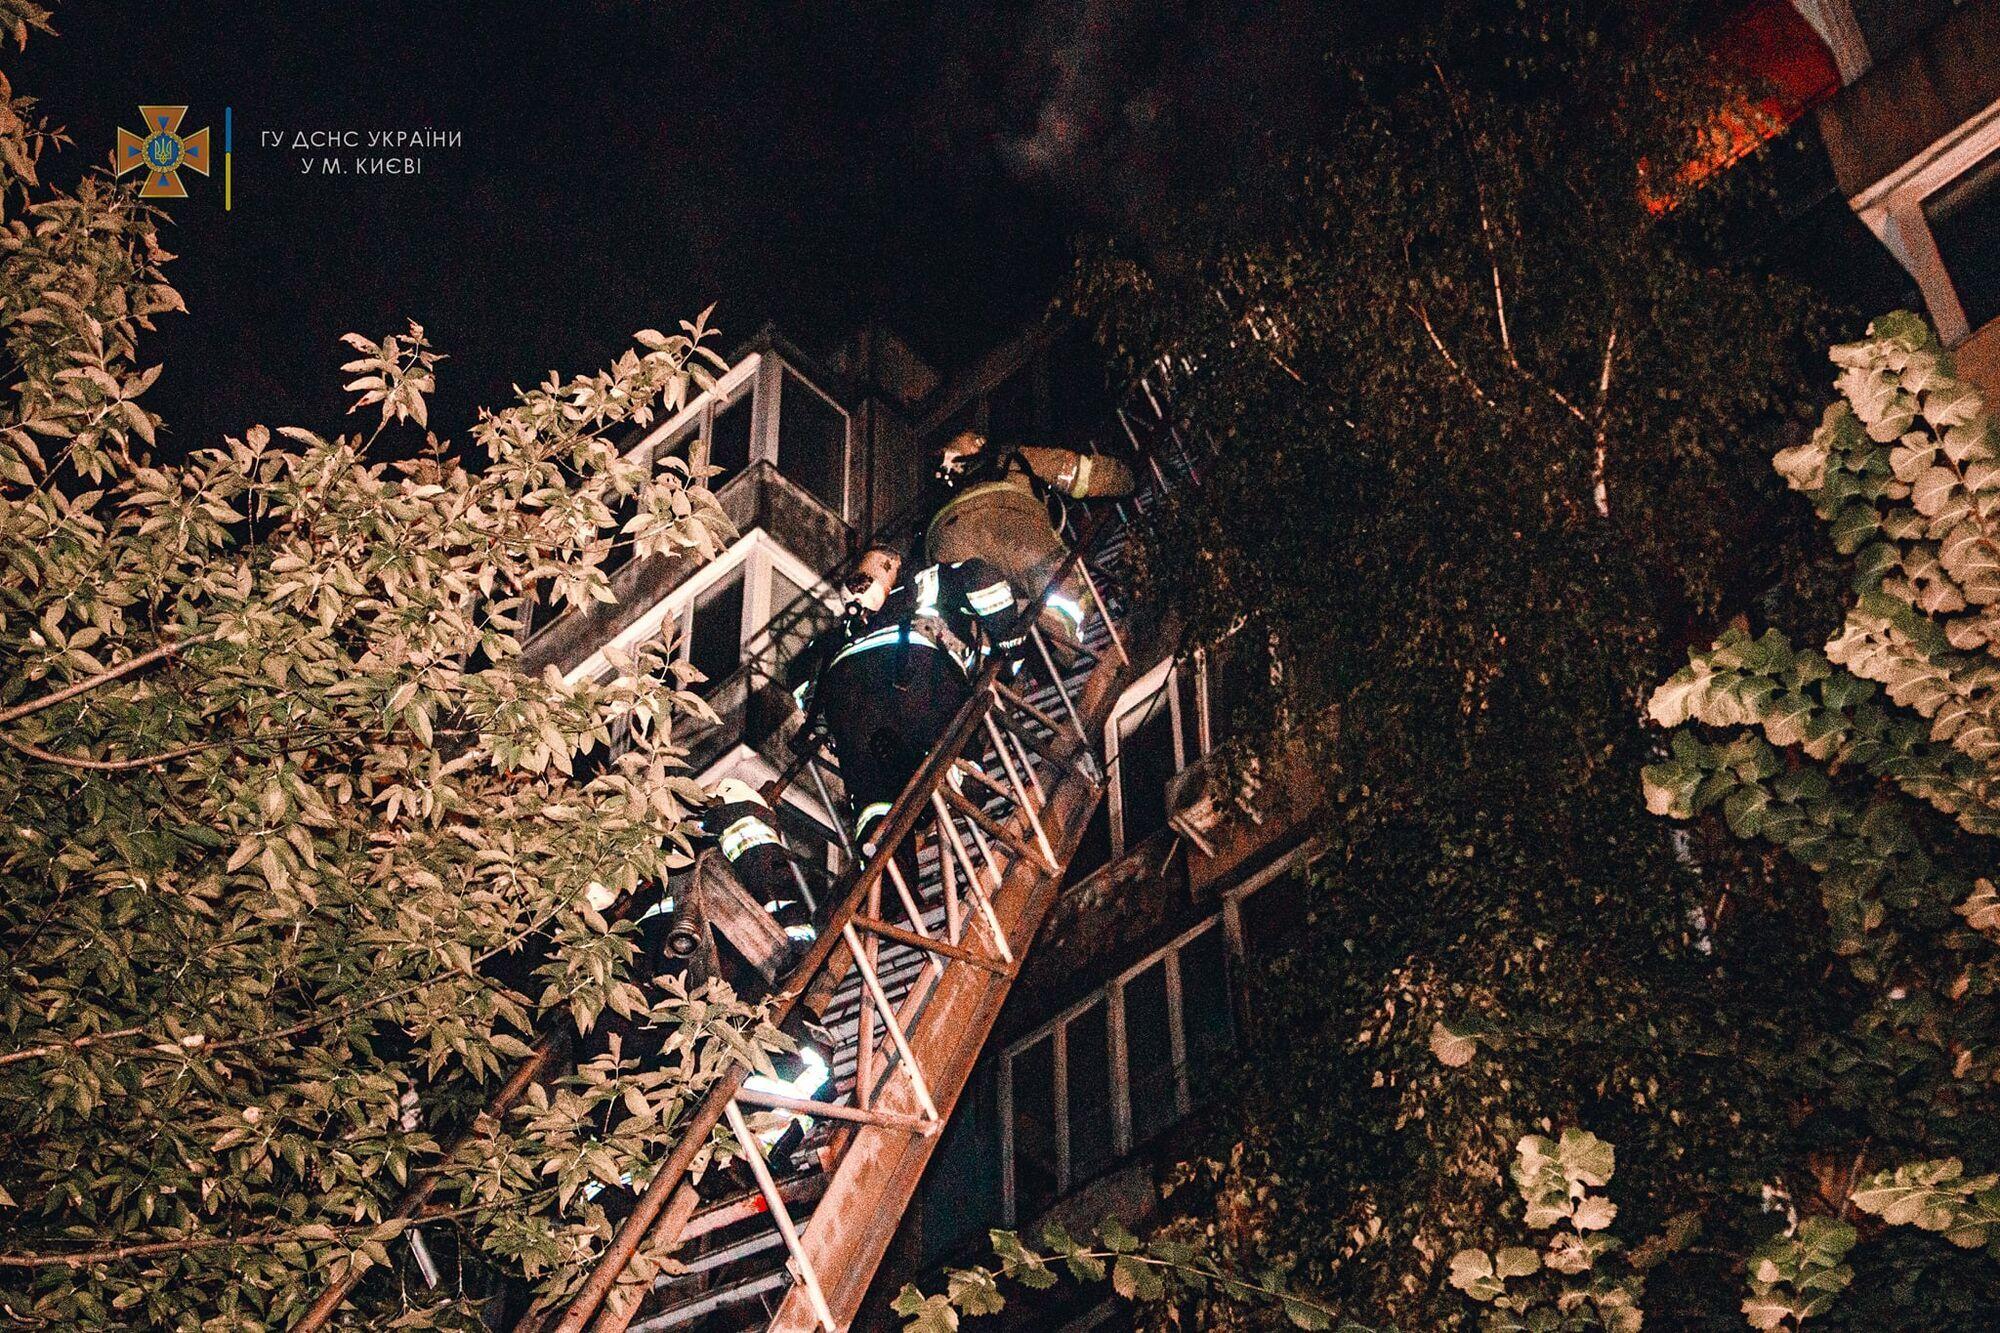 Пожар возник на 8-м этаже.